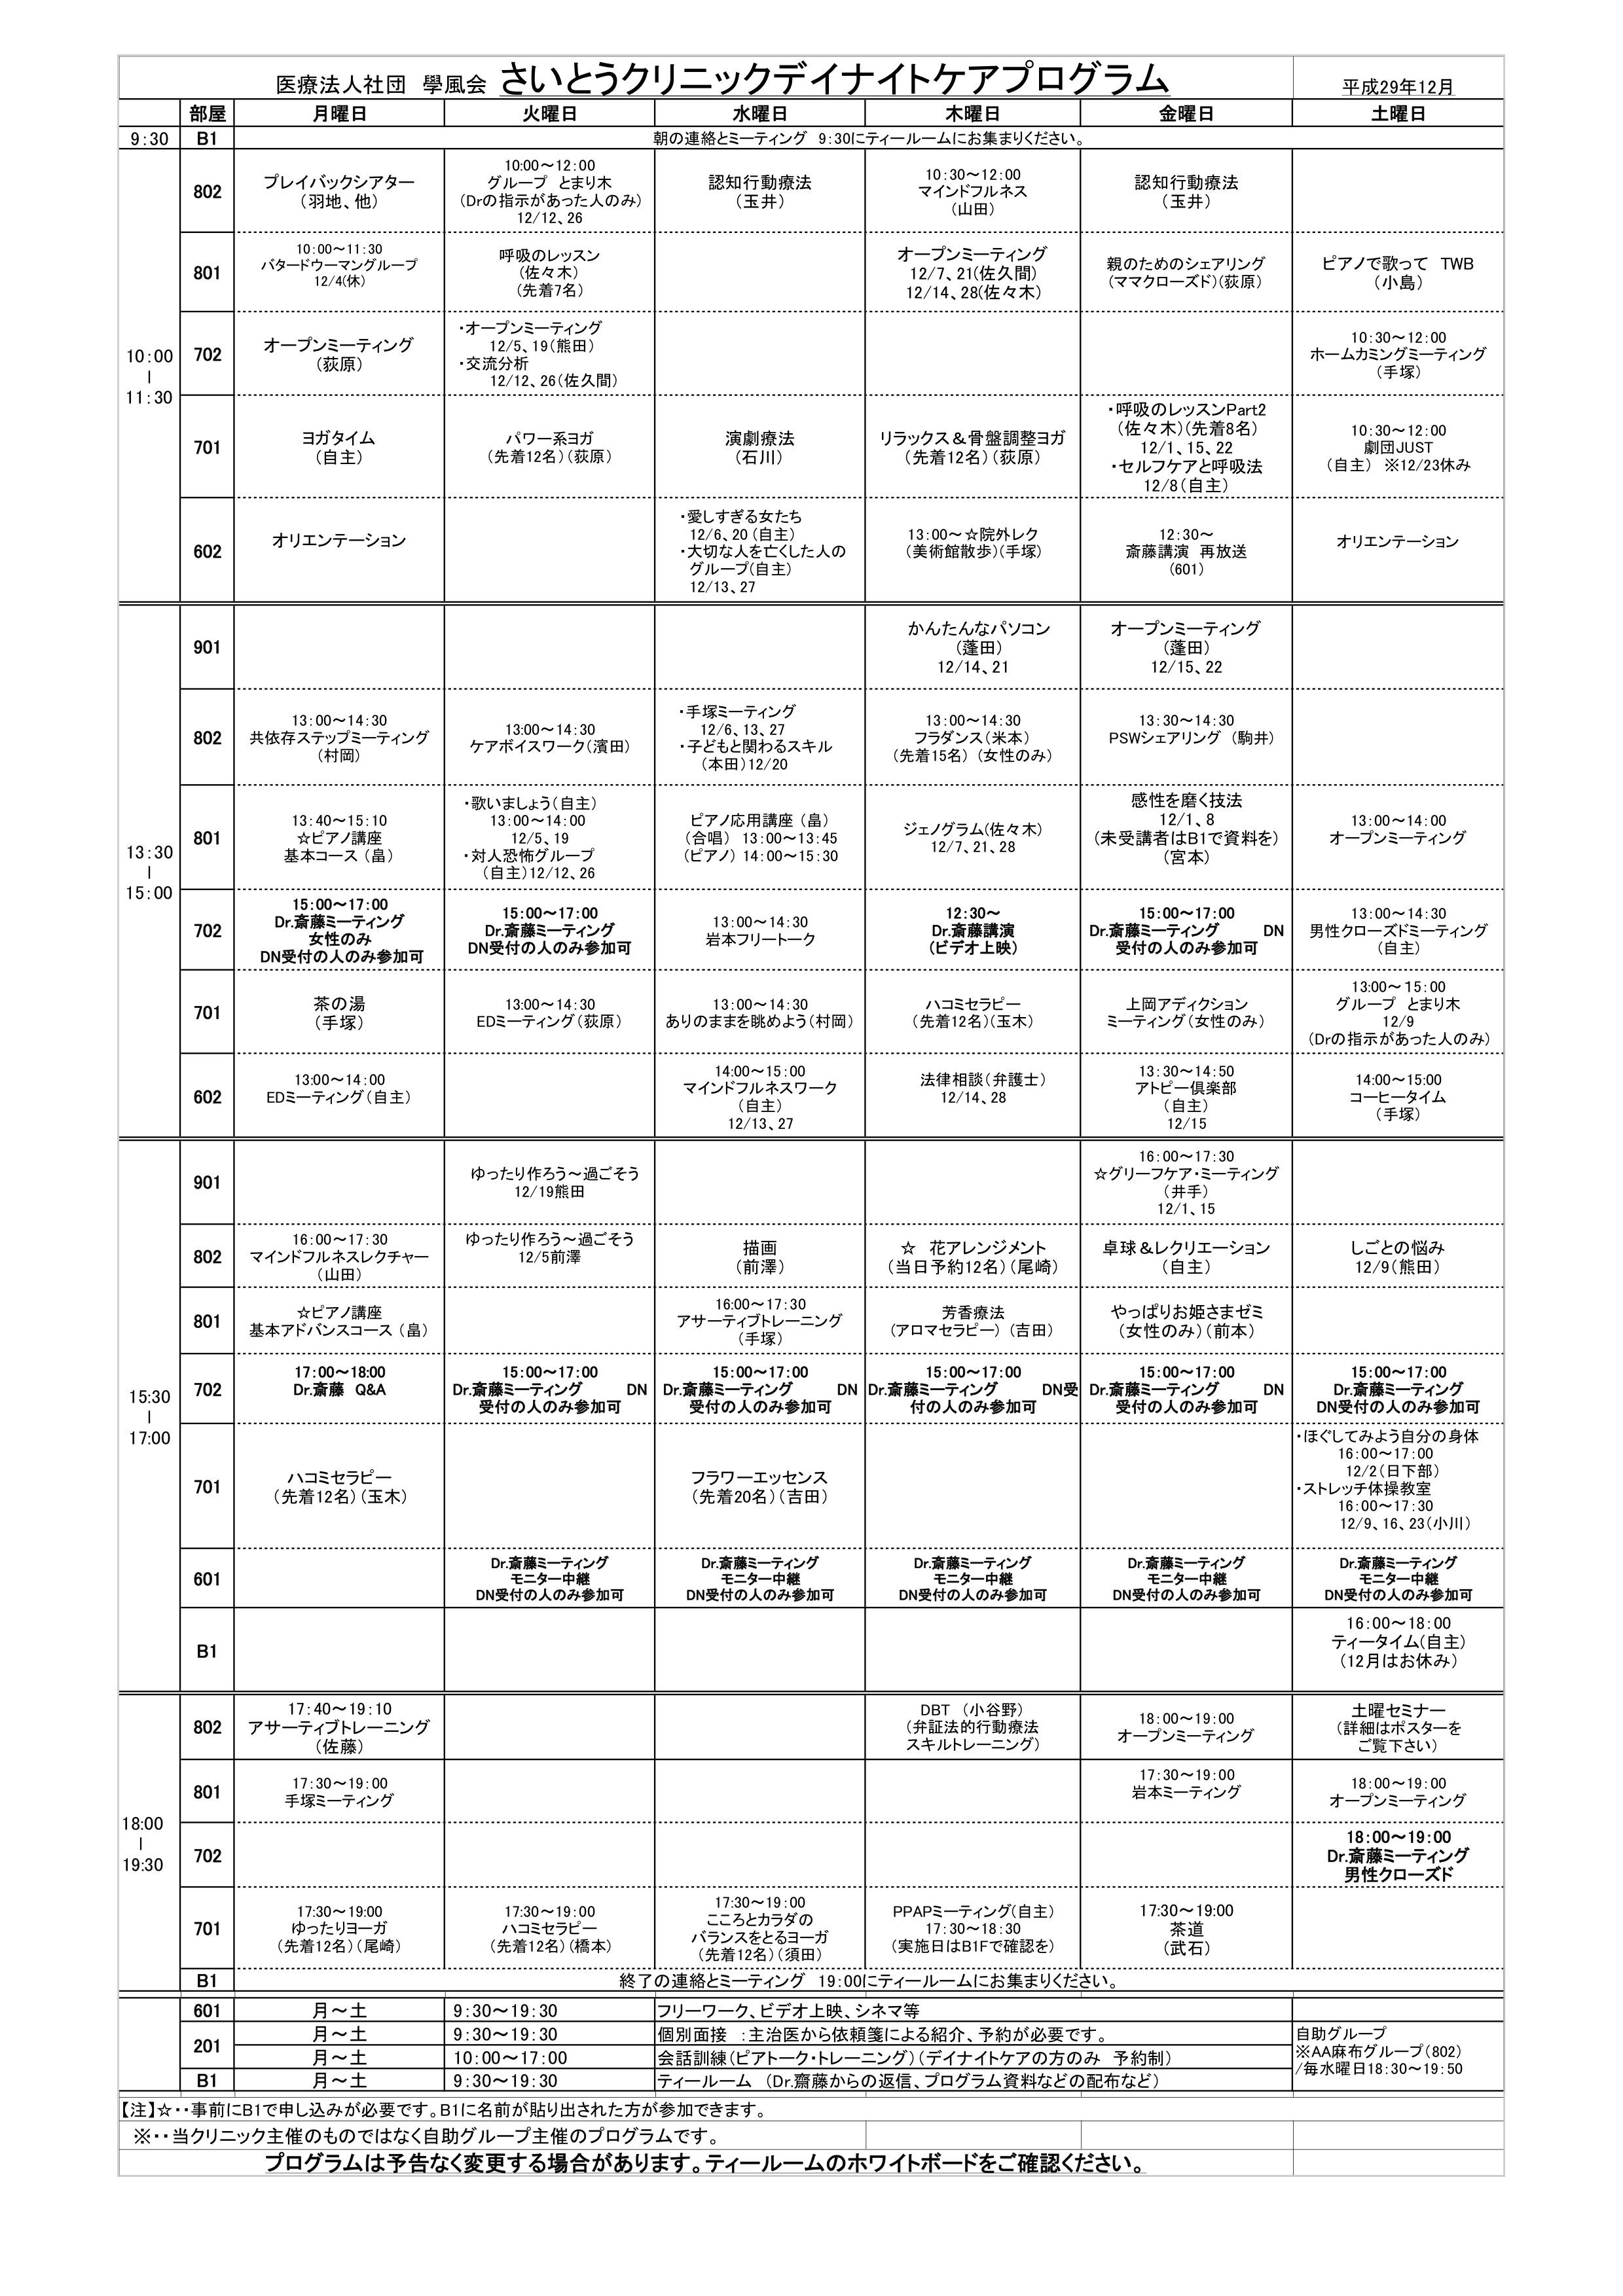 201712月プログラム進行表